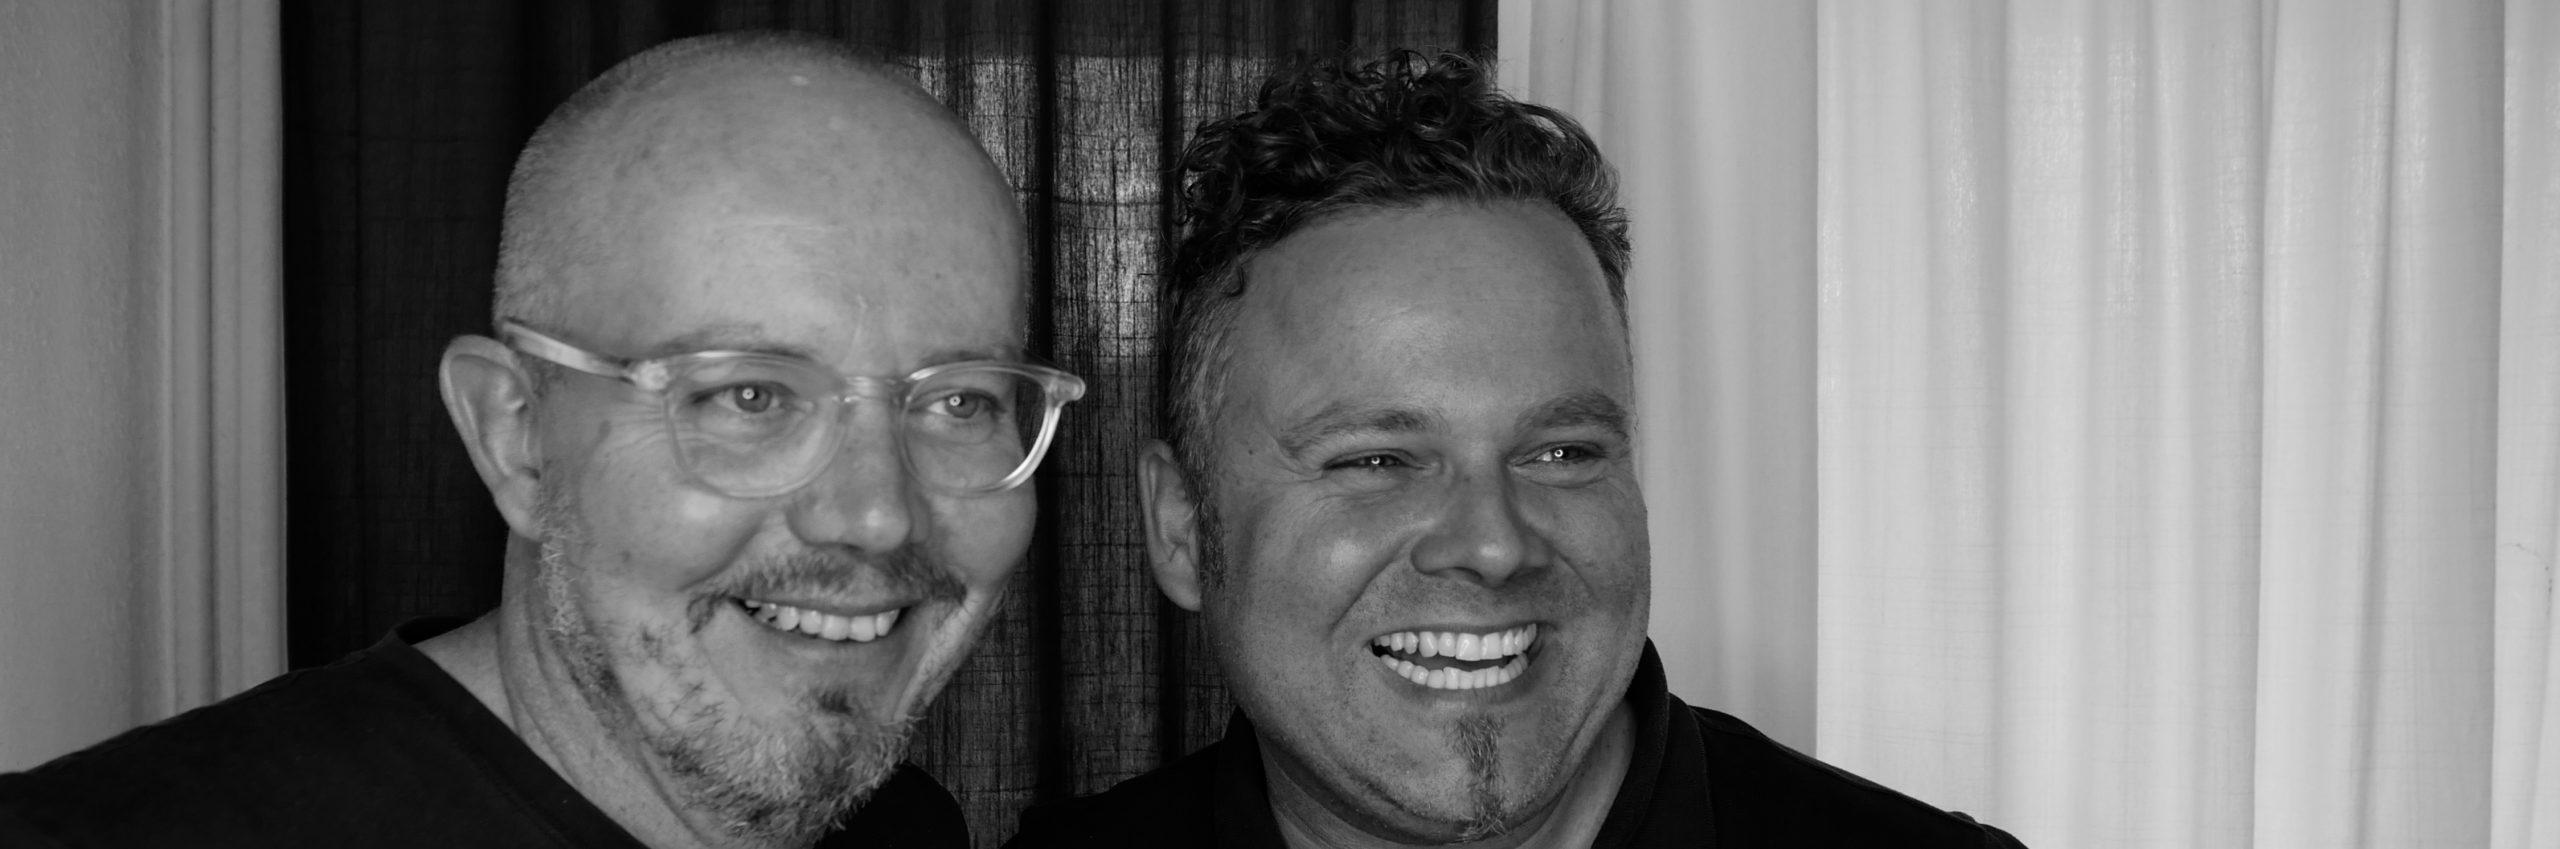 Martin Olding & Hanjo Gäbler